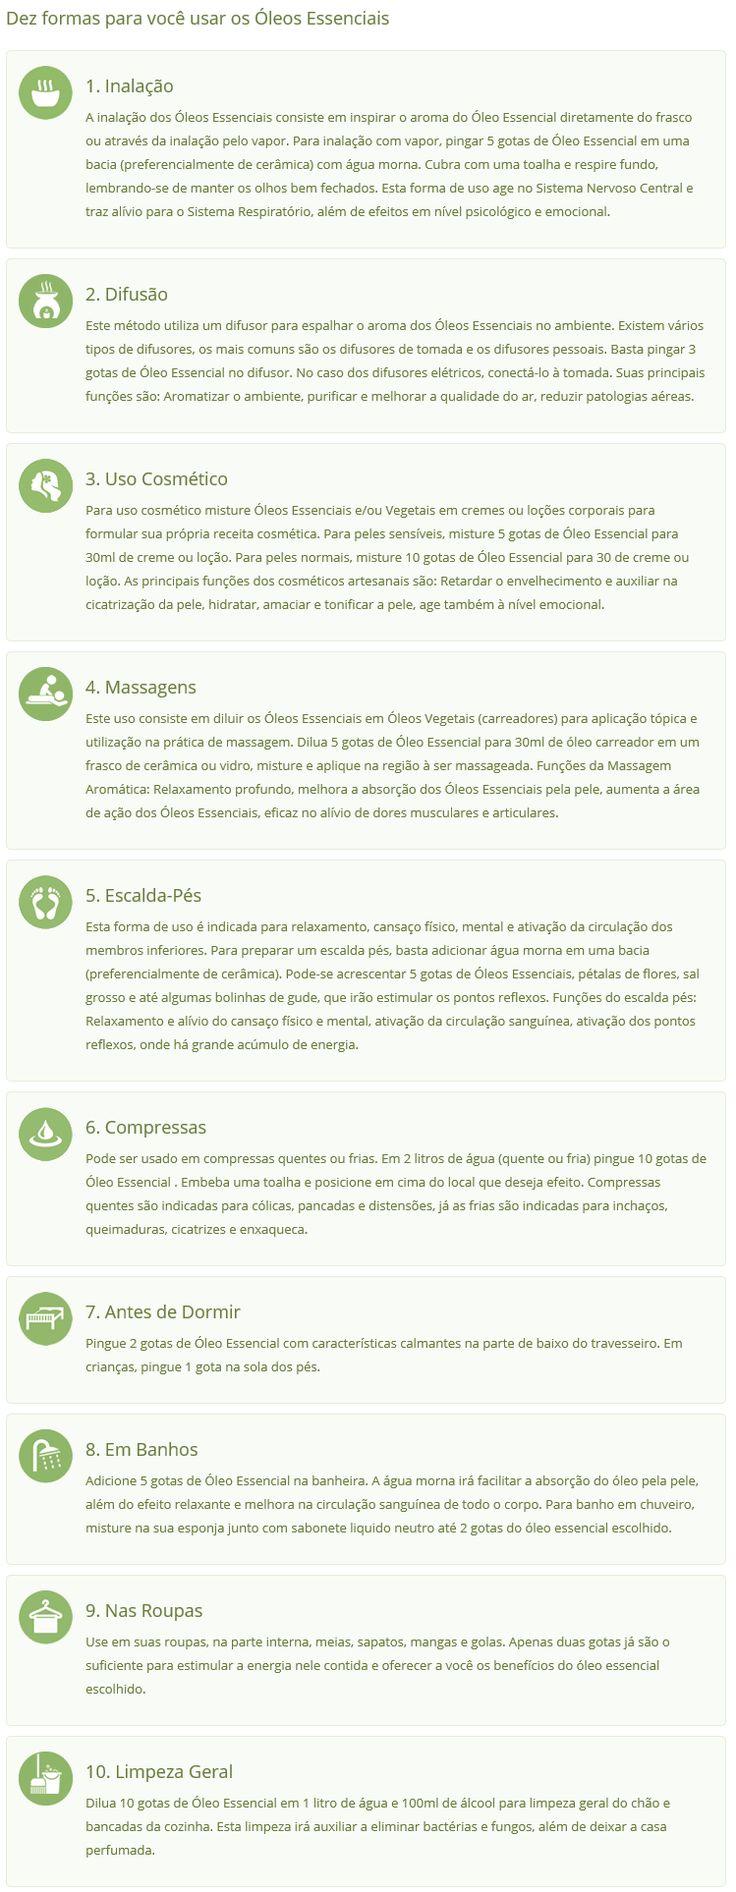 Modos de uso dos óleos essenciais - tunupa.com.br